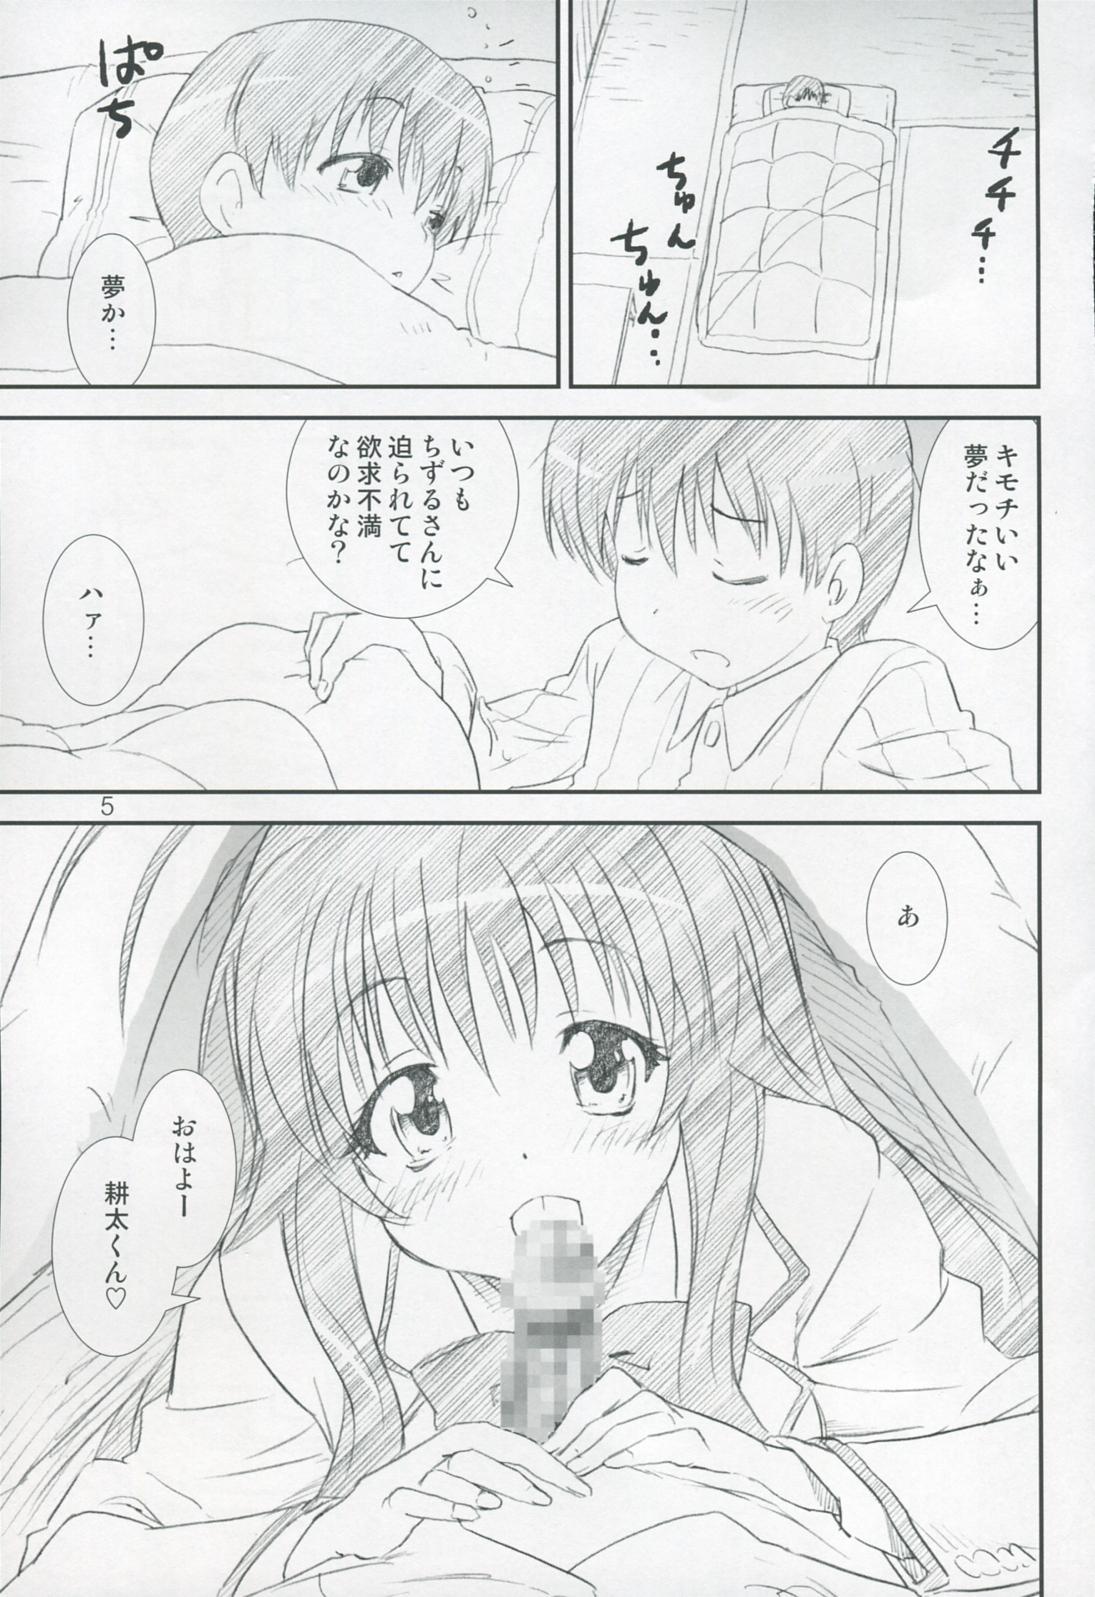 Kikan Yumi Ichirou Dai 9 Gou 3